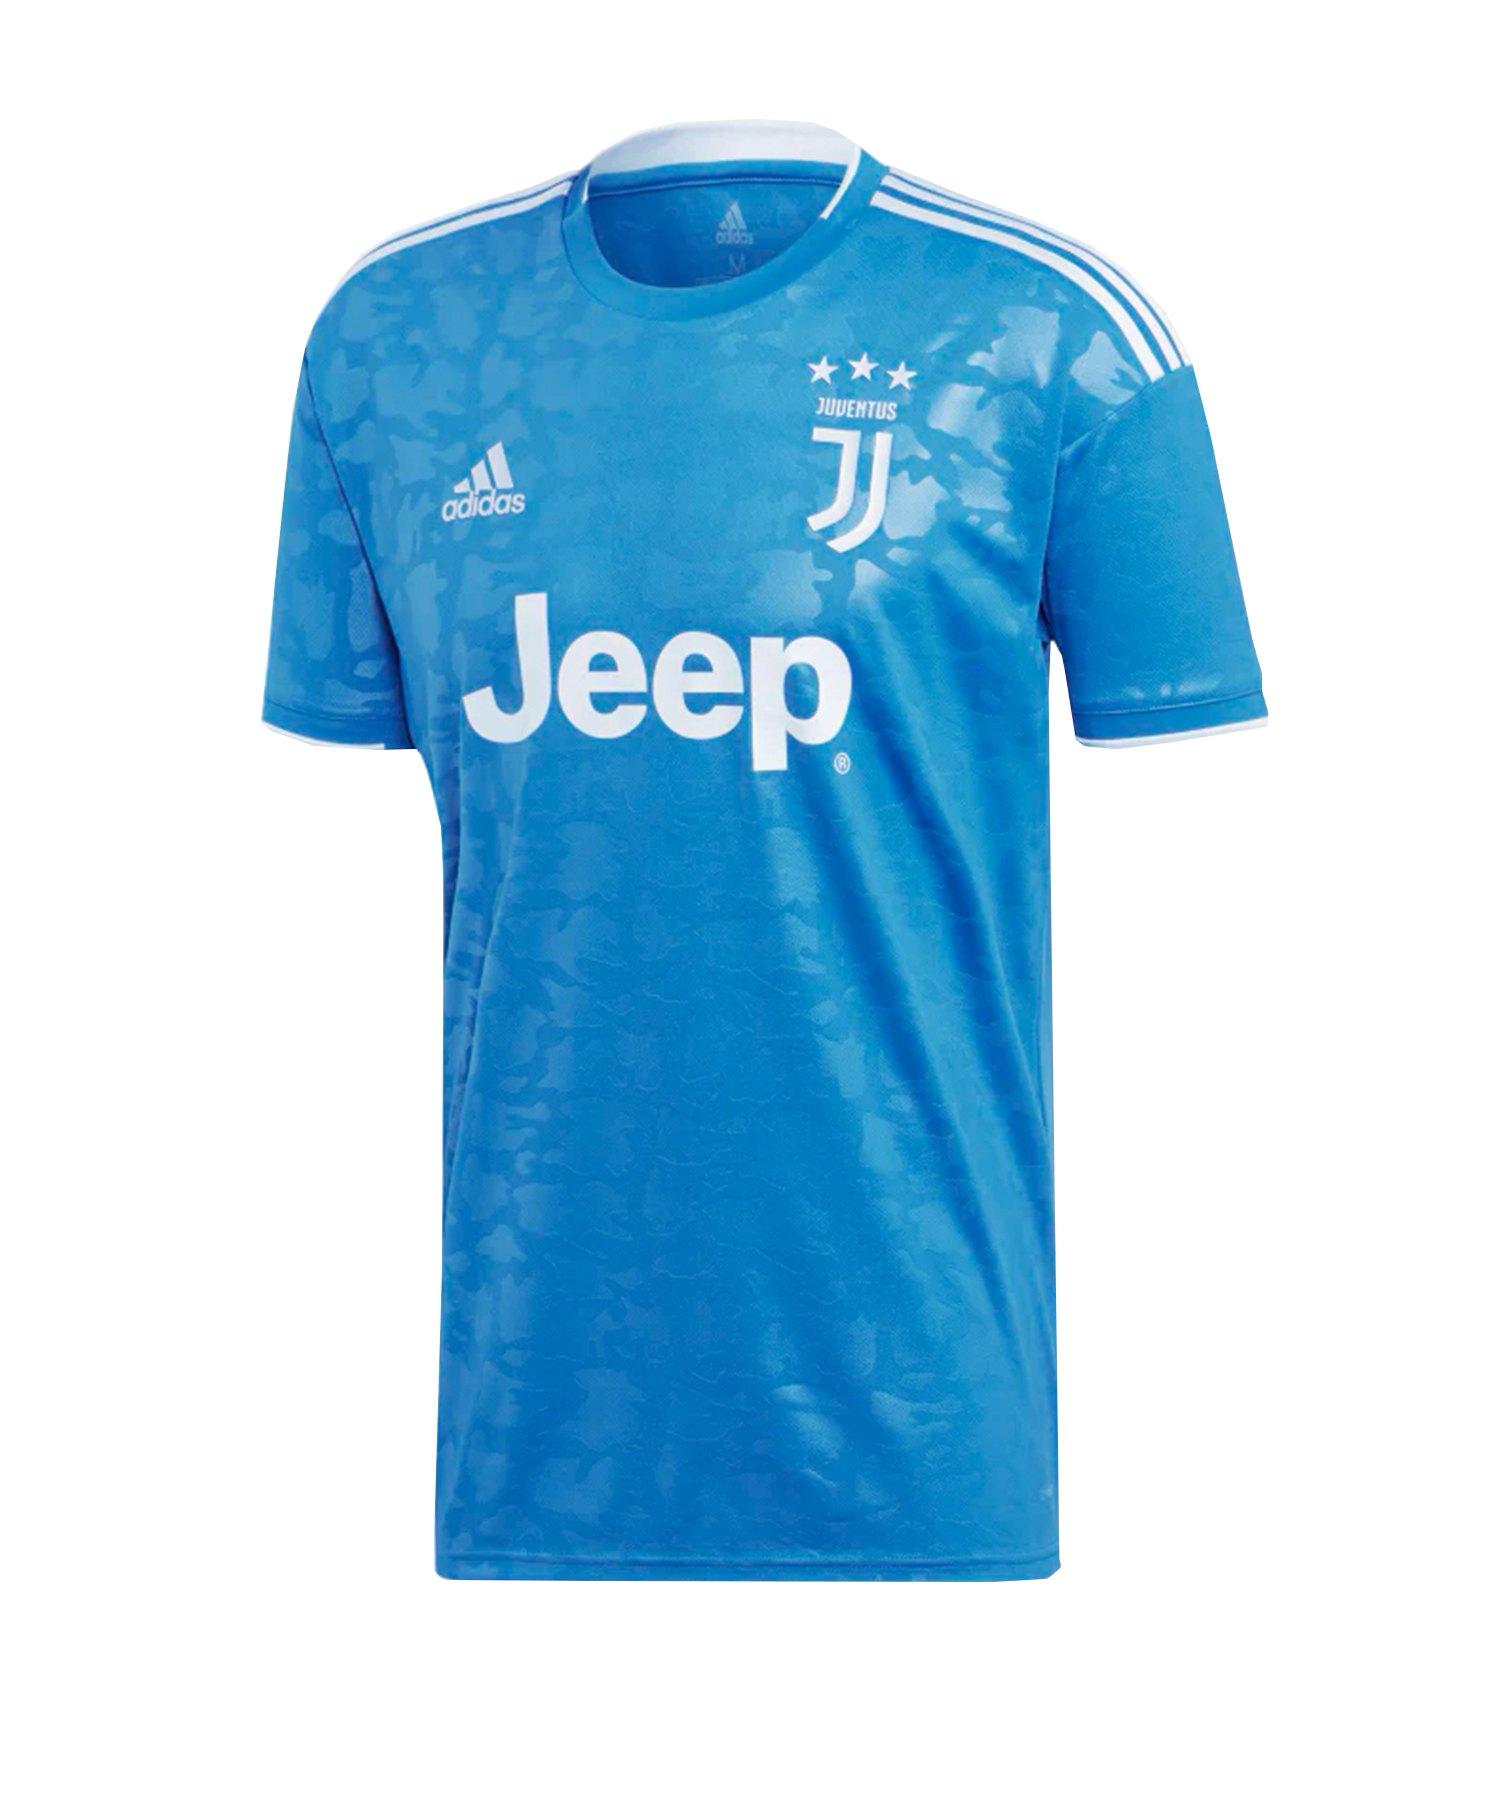 adidas Juventus Turin Trikot UCL 2019/2020 Kids - blau